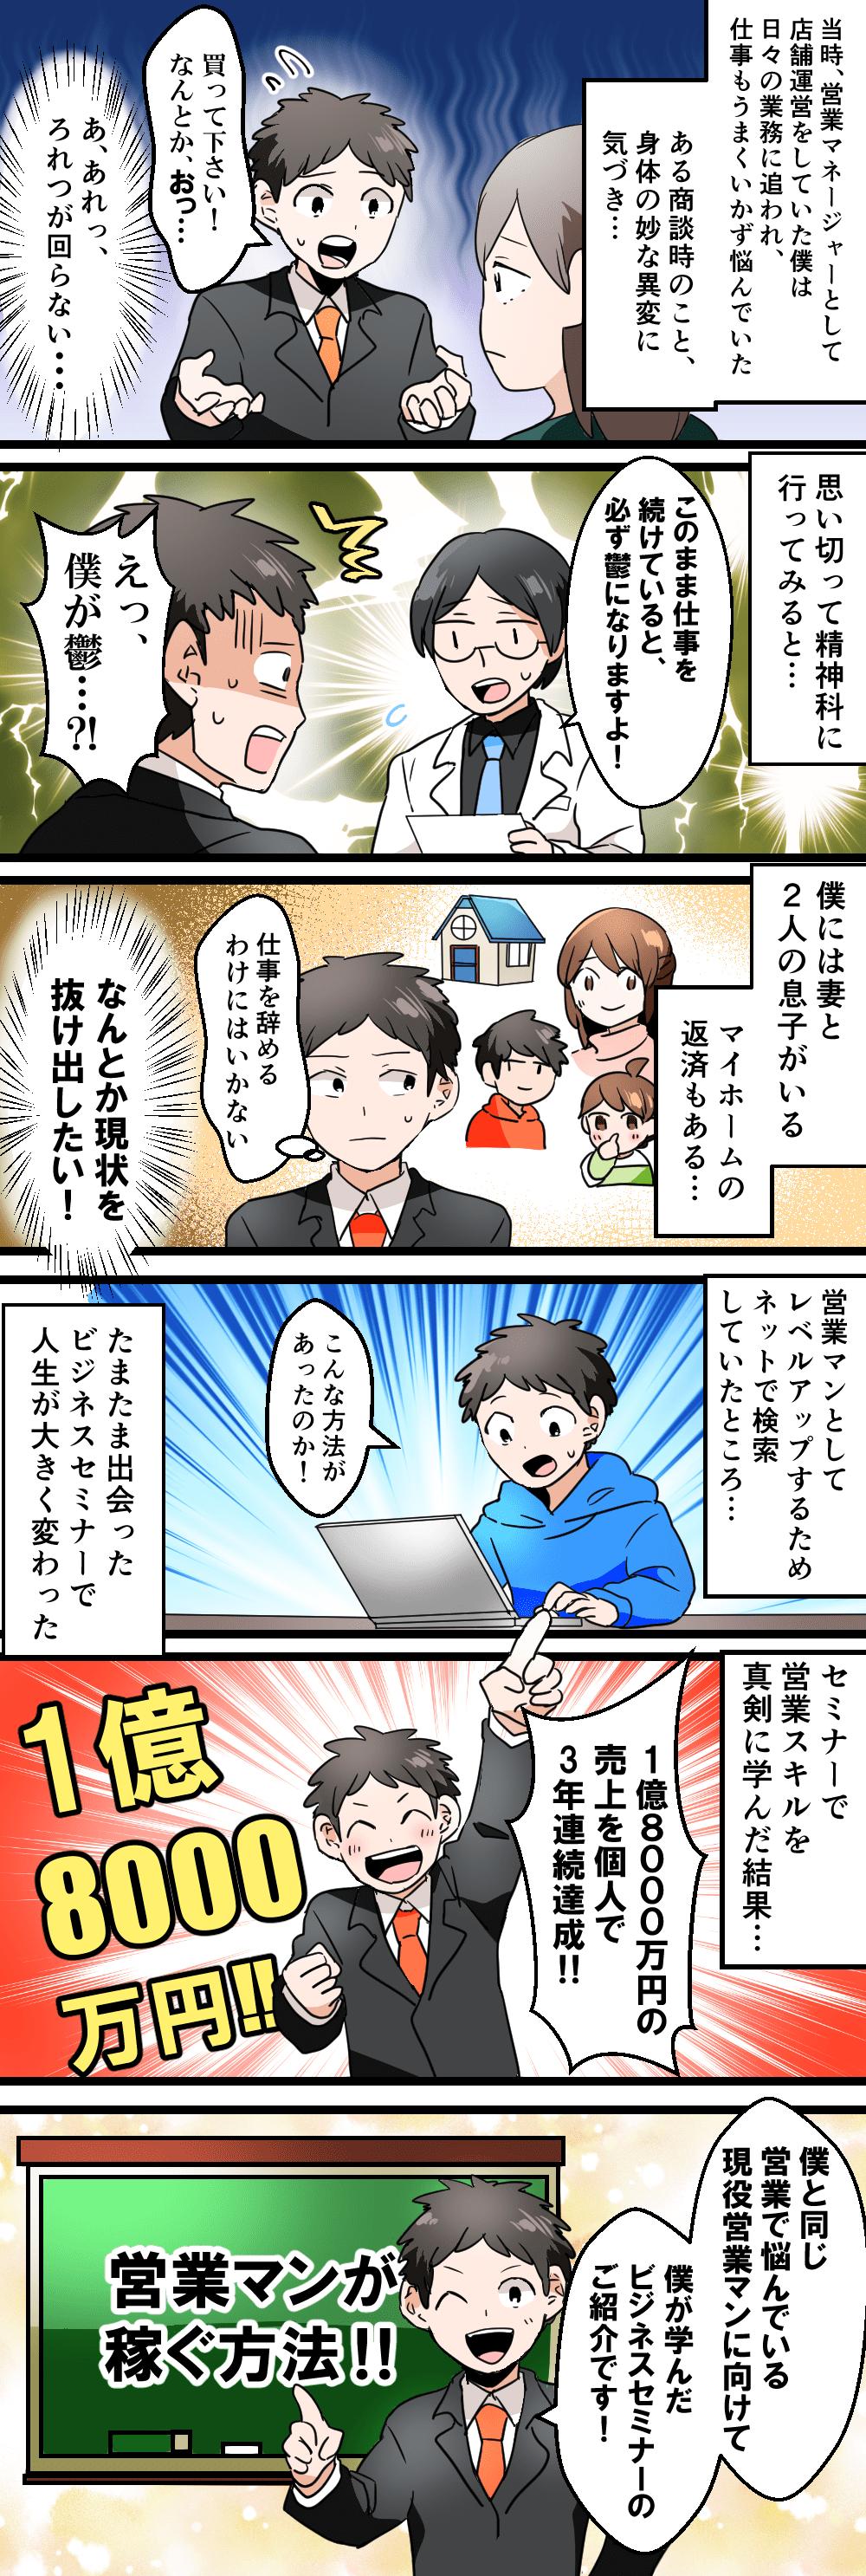 次世代紹介記事マンガ